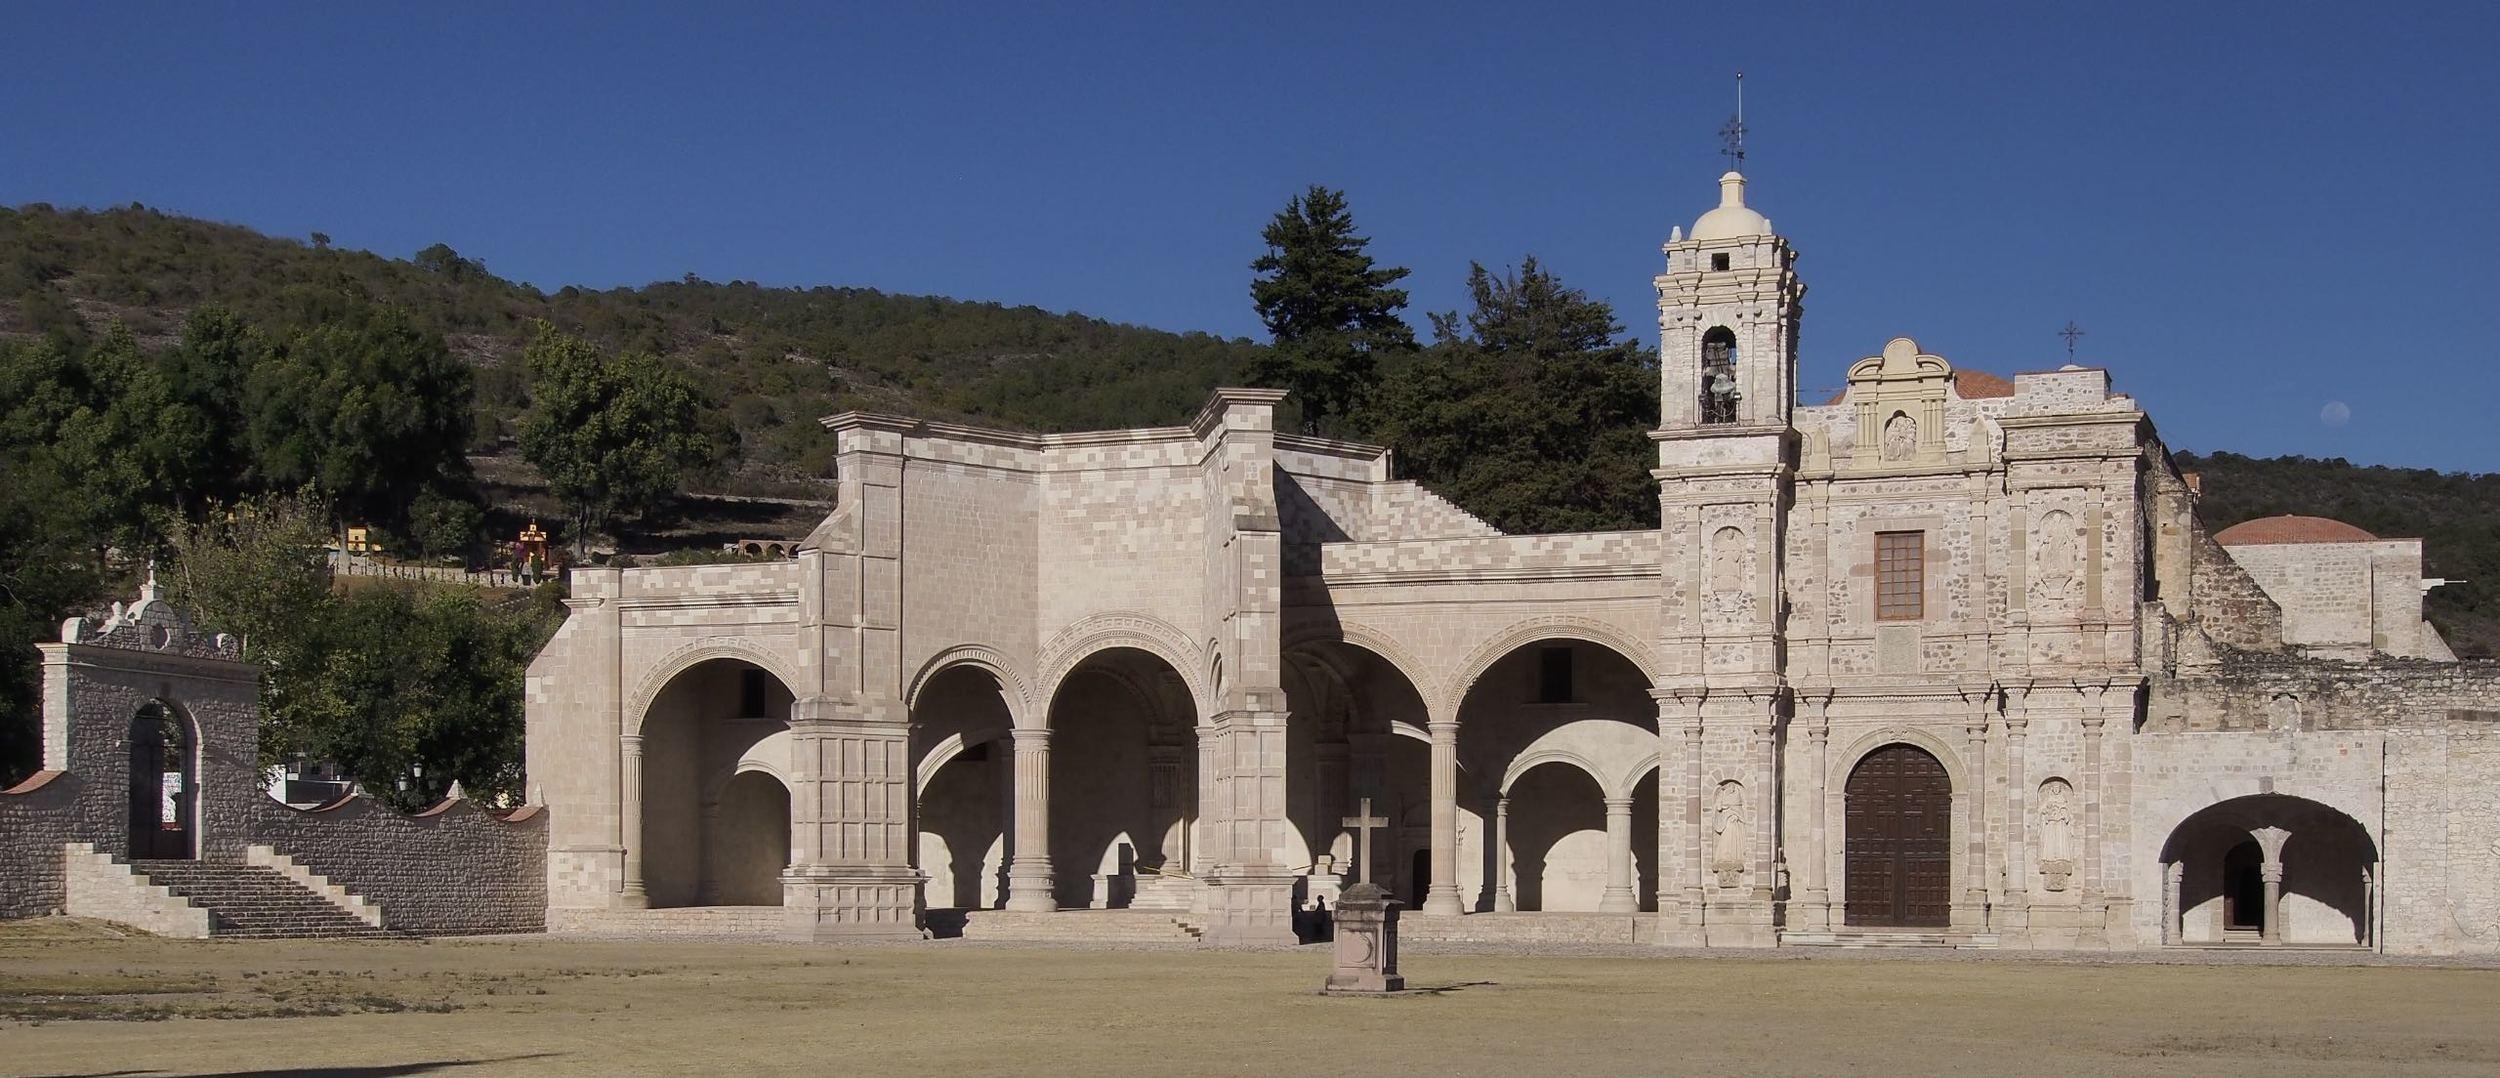 Open Chapel of Teposcolula